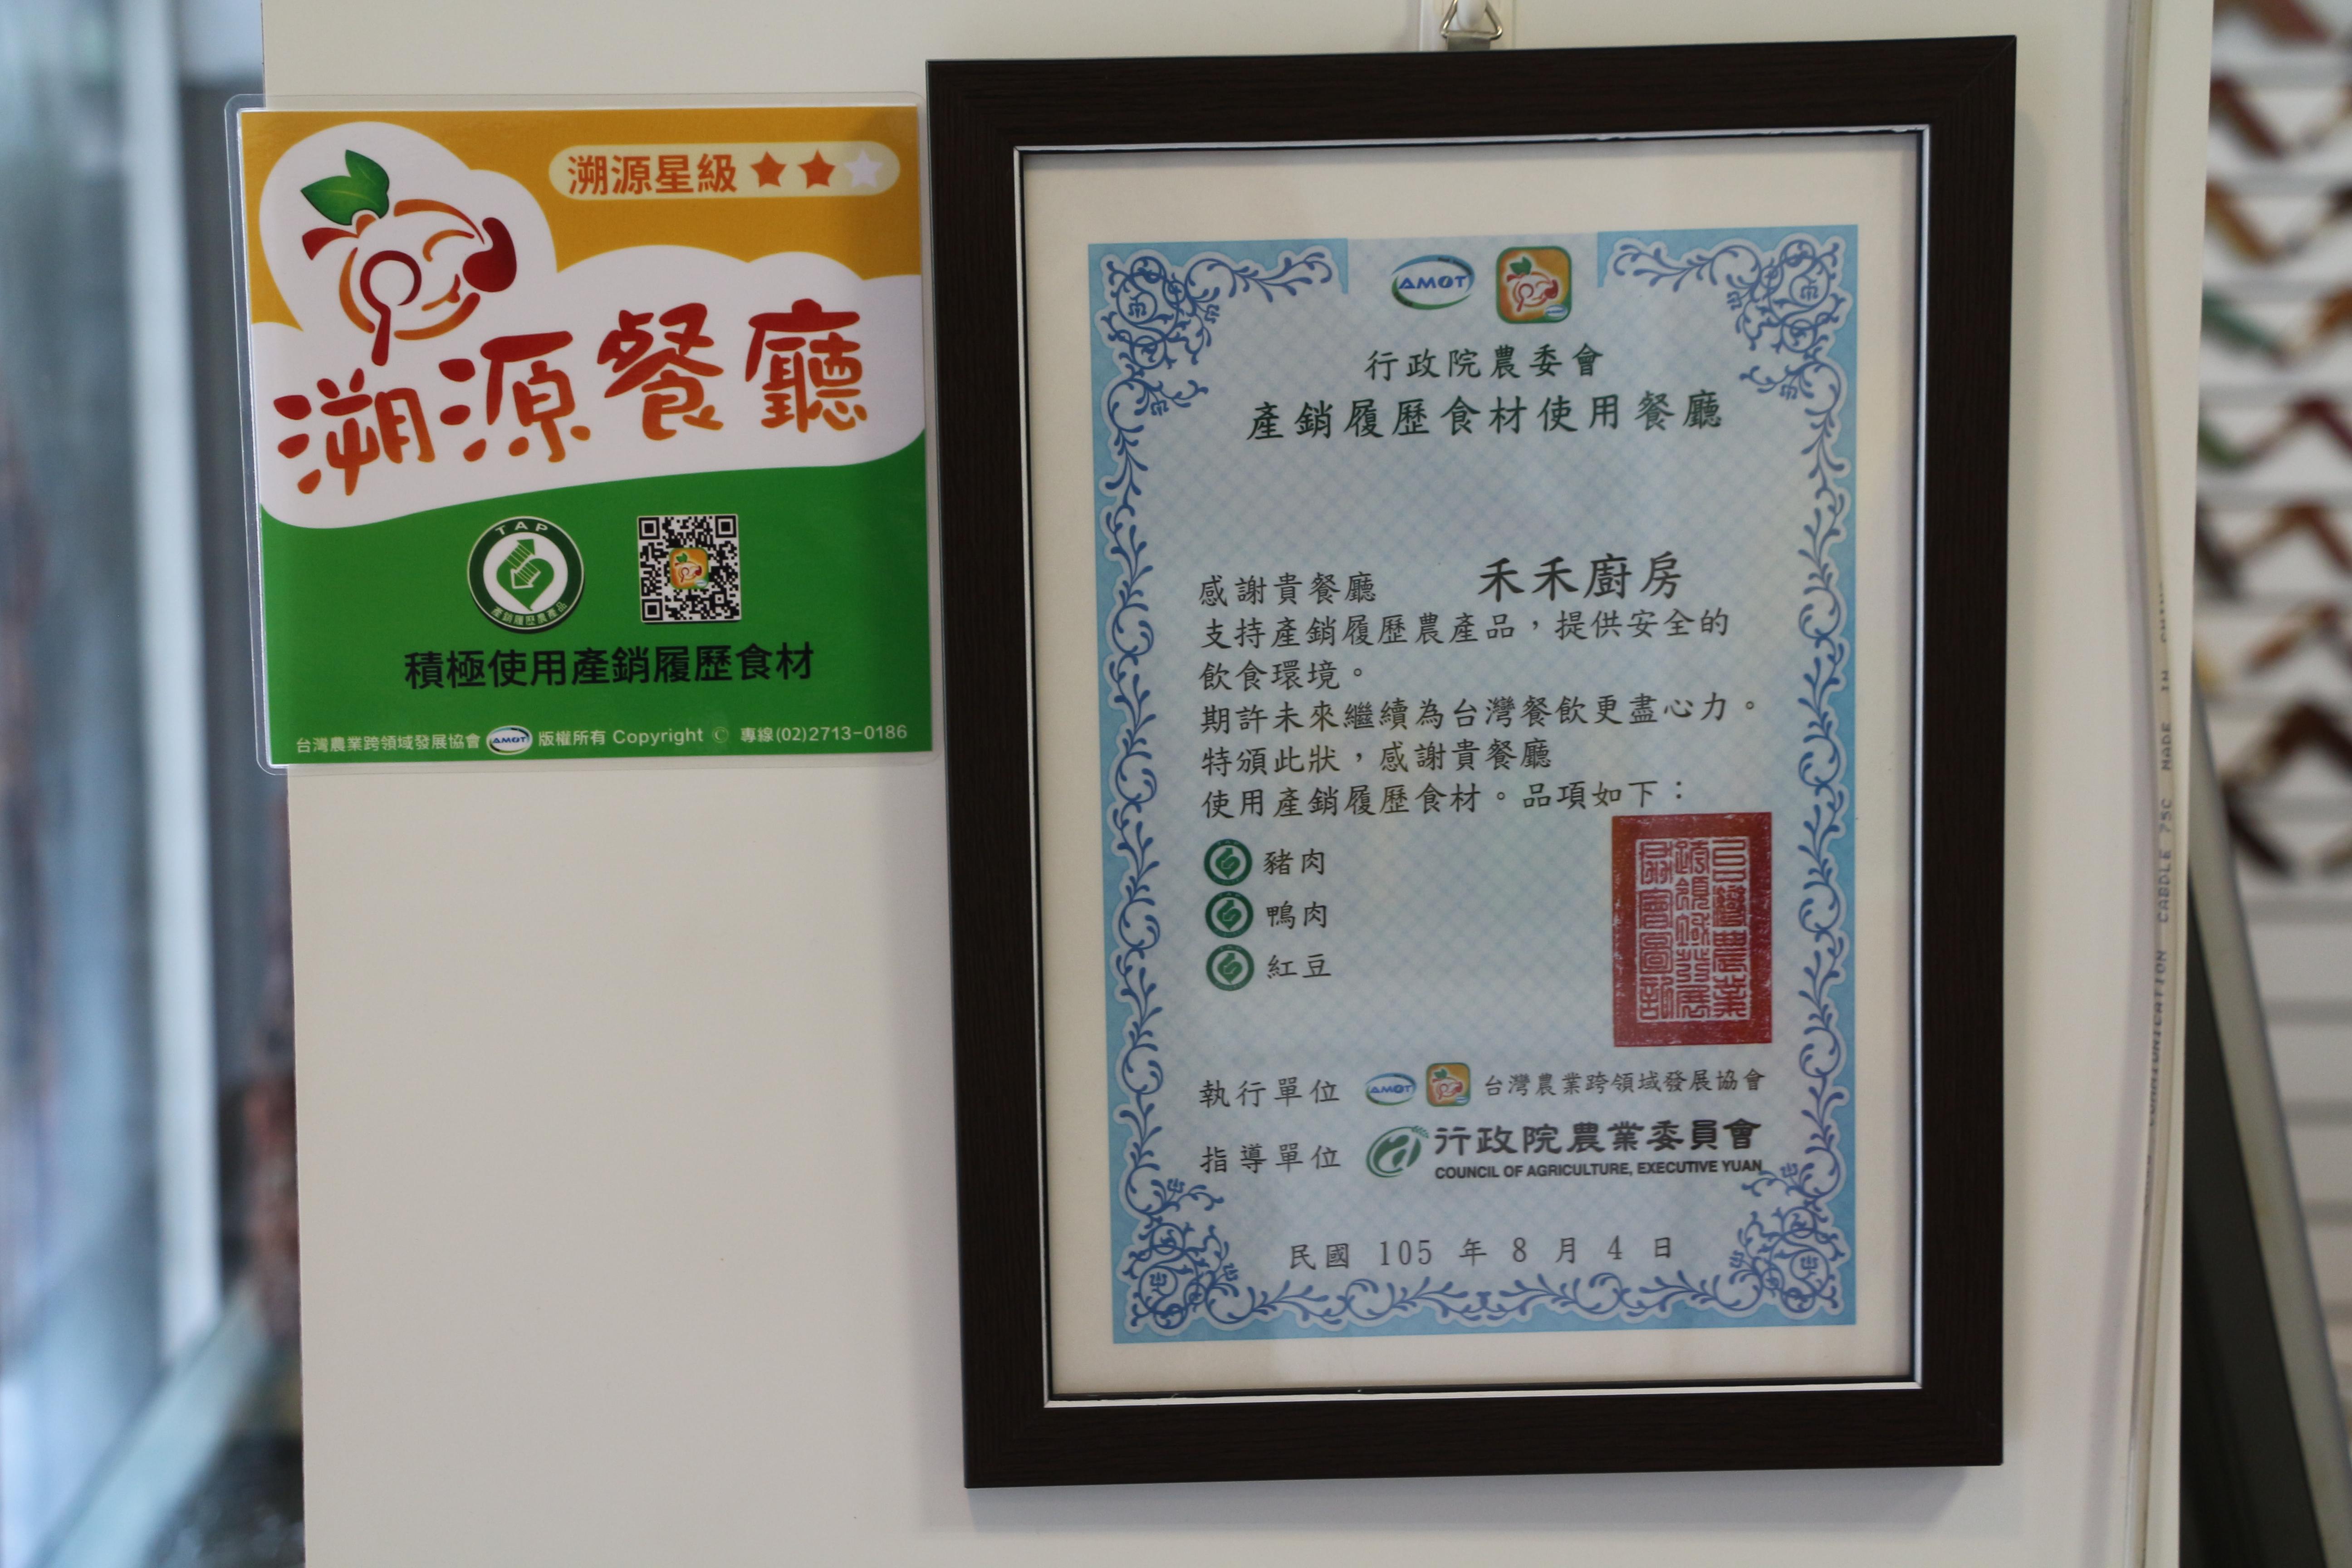 店家會頒發認證給有使用安心食材的店家。攝影/黃馨毅